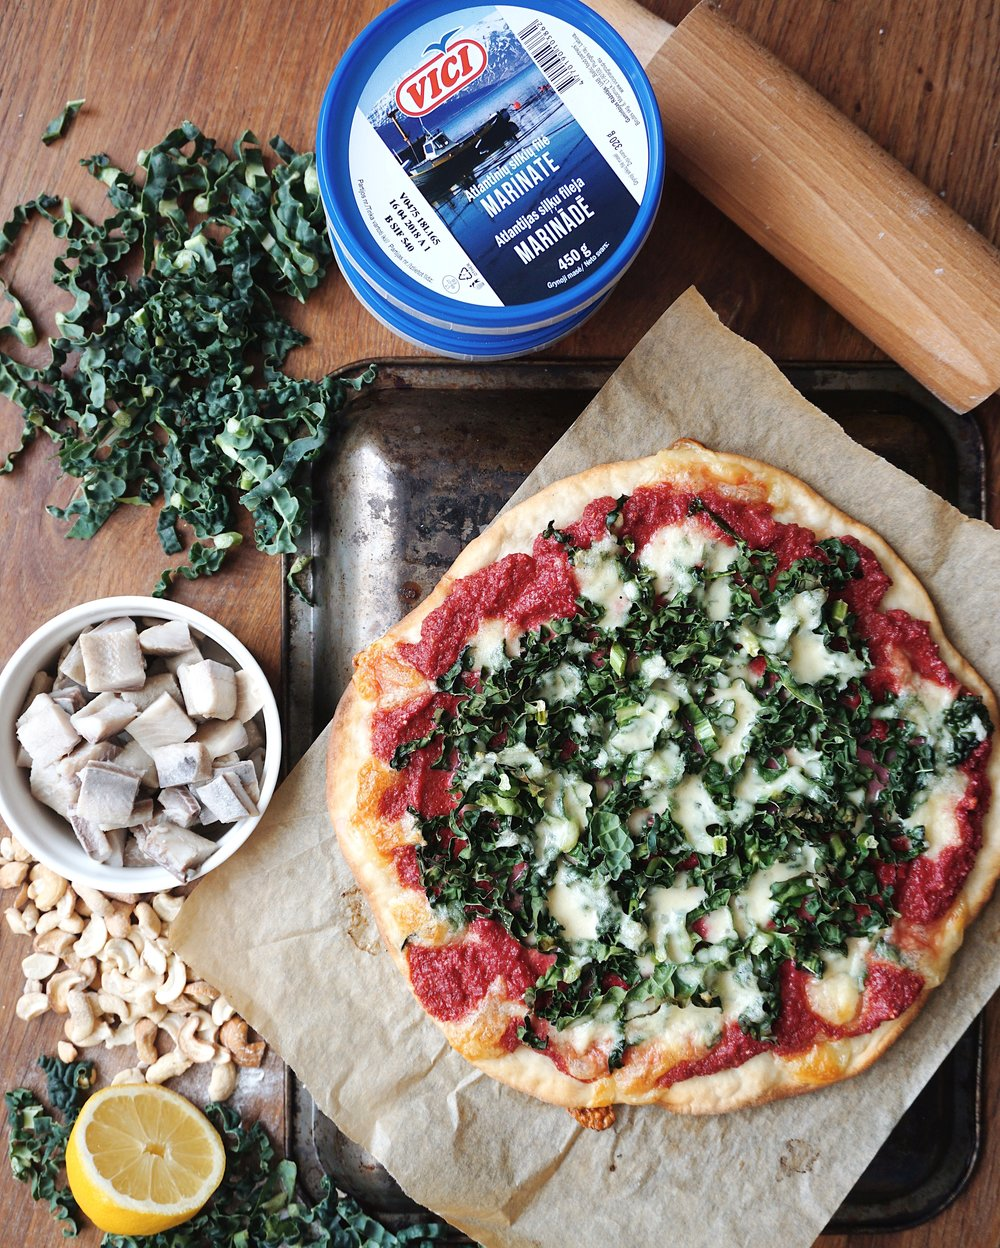 pavasara pica ar lapu kāpostu un siļķi - visiem tiem, kuriem kārtīga pica nav iedomājama bez bekona un kečupa,šis būs izcils atklājums. svaiga, zaļa, ar zivi un biešu pesto - pica kā radīta pavasara sagaidīšanai!